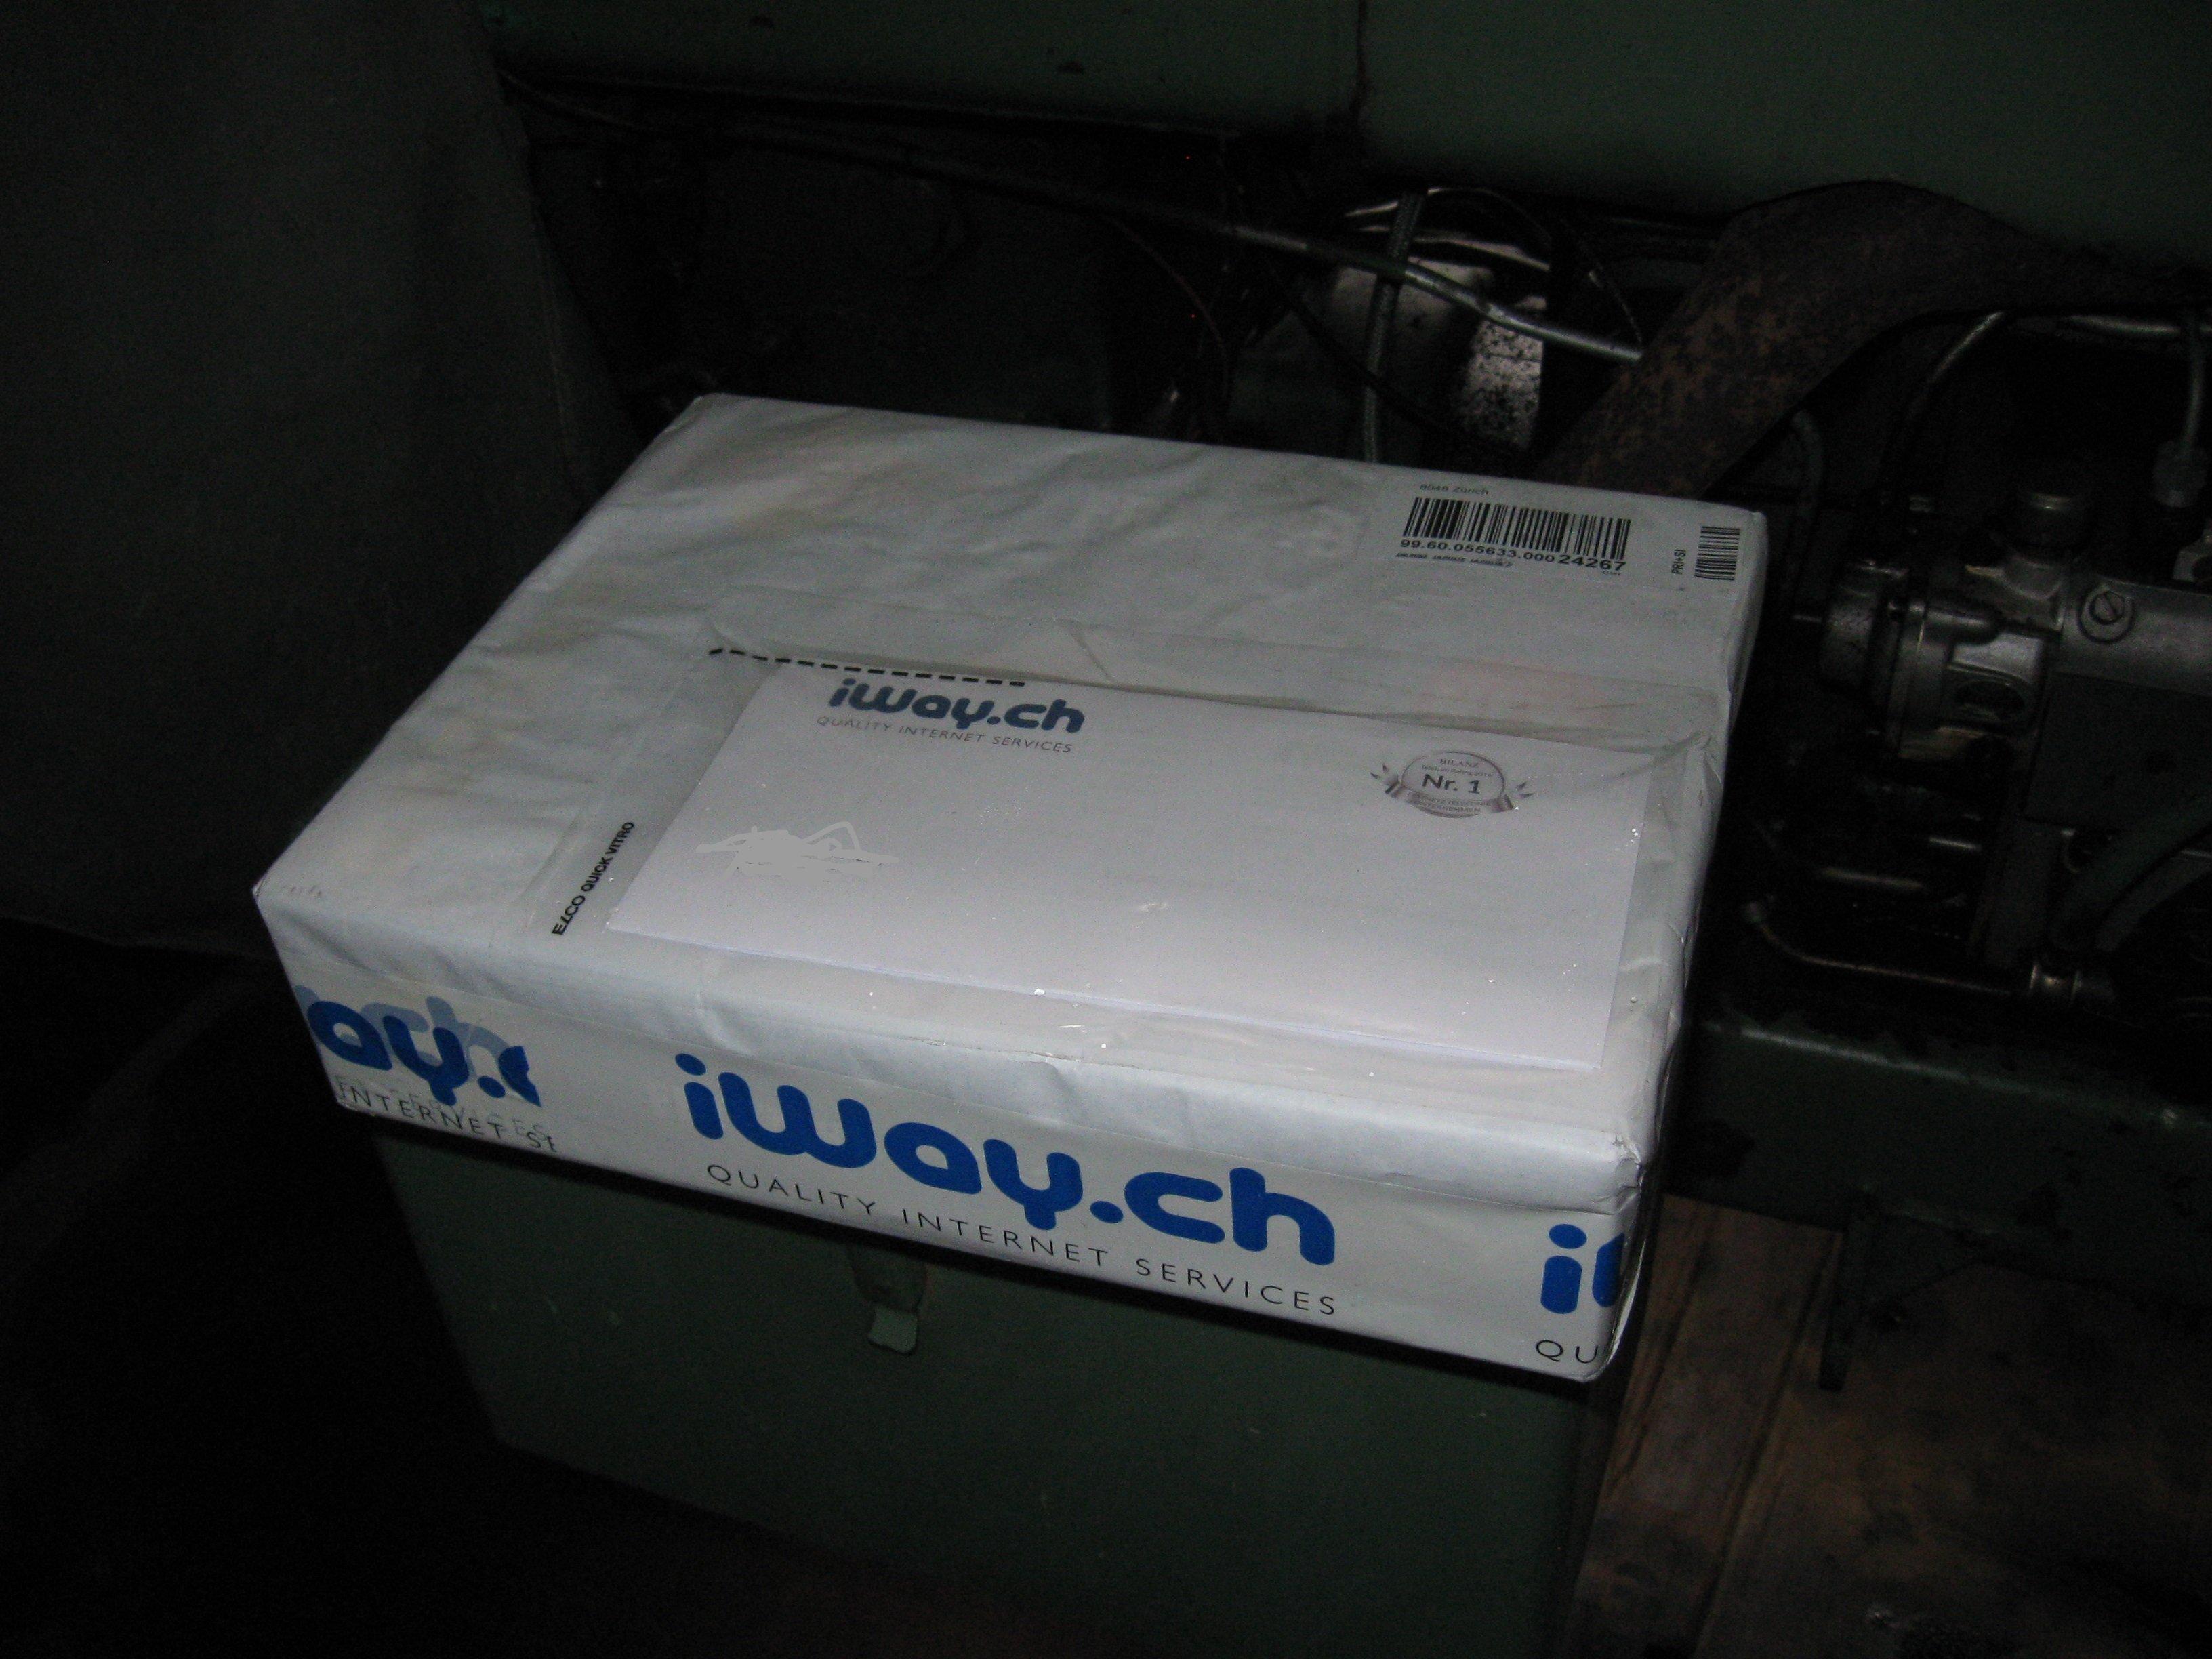 Packet mit neuem Router am 27.04.2017 eingetroffen